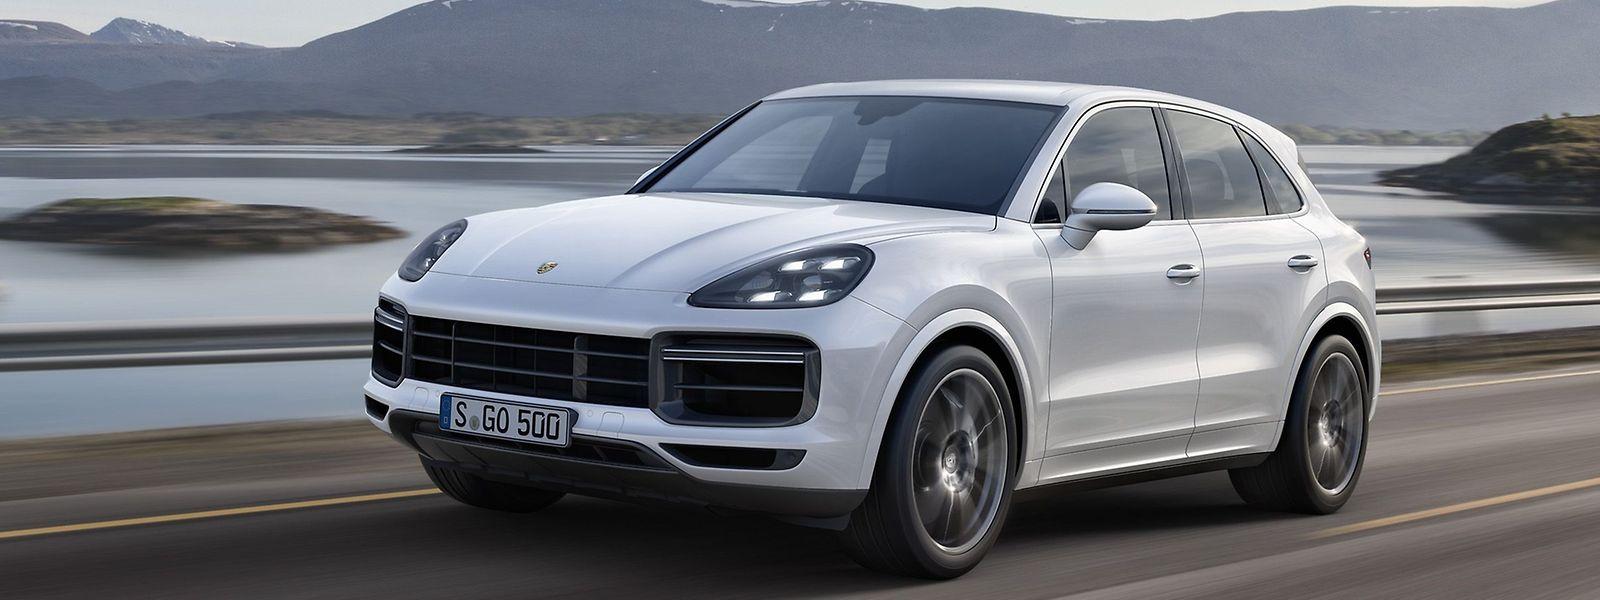 Der neue Porsche Cayenne (auf unserem Bild: Cayenne Turbo) will mit seinem weiter geschärften Charakter und innovativen Technologien für noch mehr Fahrkomfort und Fahrdynamik auch weiterhin Maßstäbe in seiner Klasse setzen.